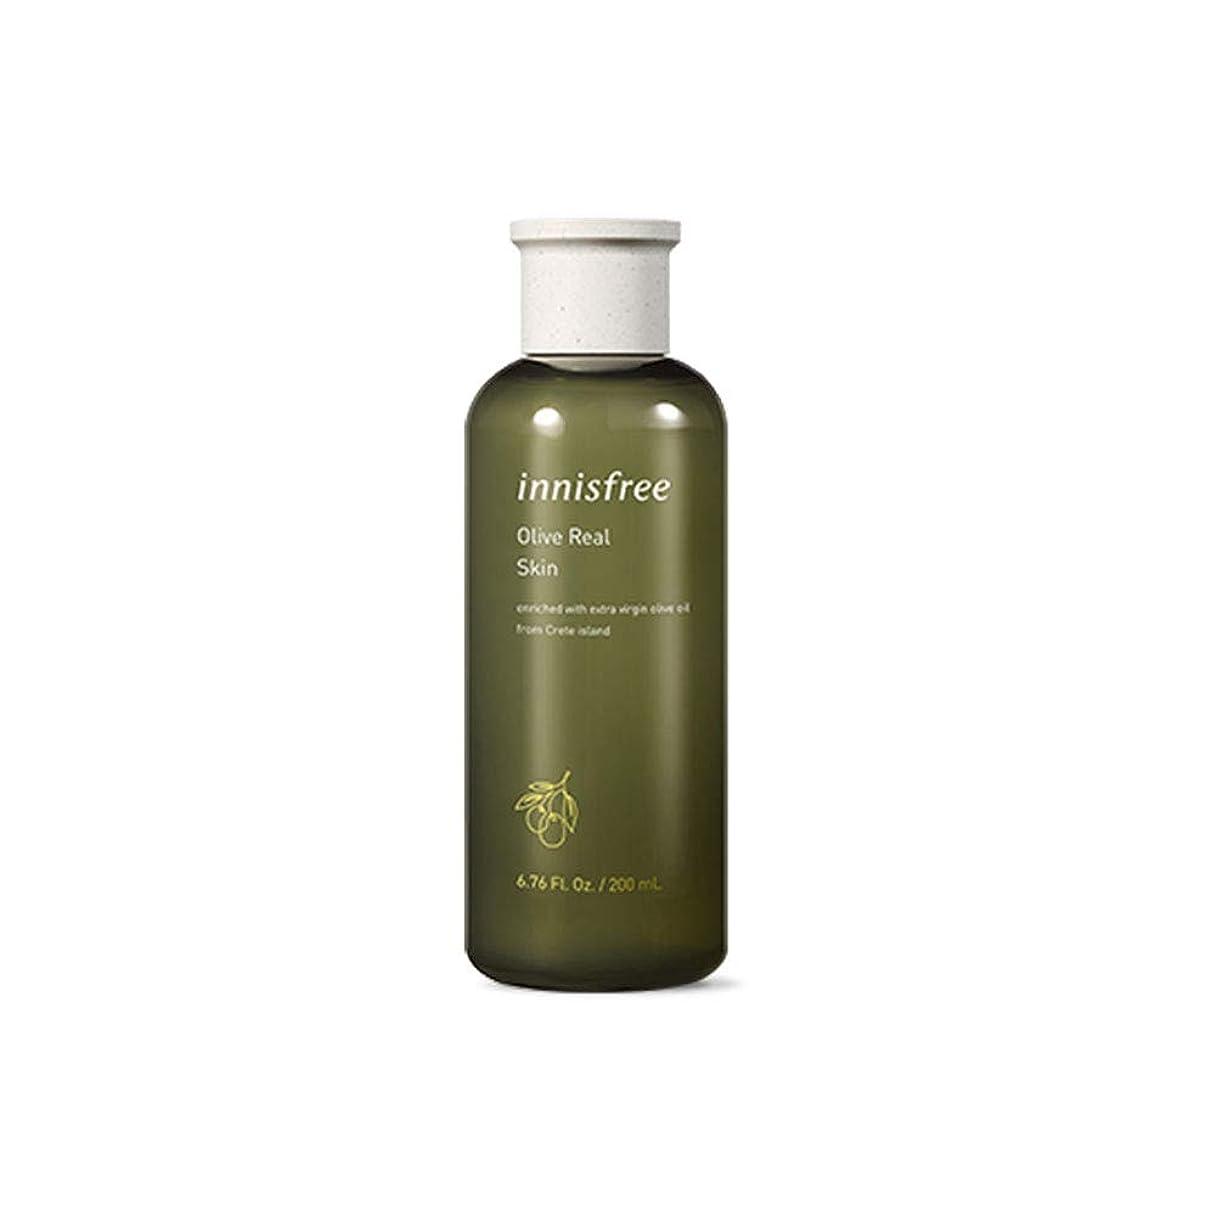 侮辱ペン手段NEW[イニスフリー] Innisfree オリーブ リアル スキンEX (200ml) Innisfree Olive Real Skin EX(200ml) [海外直送品]